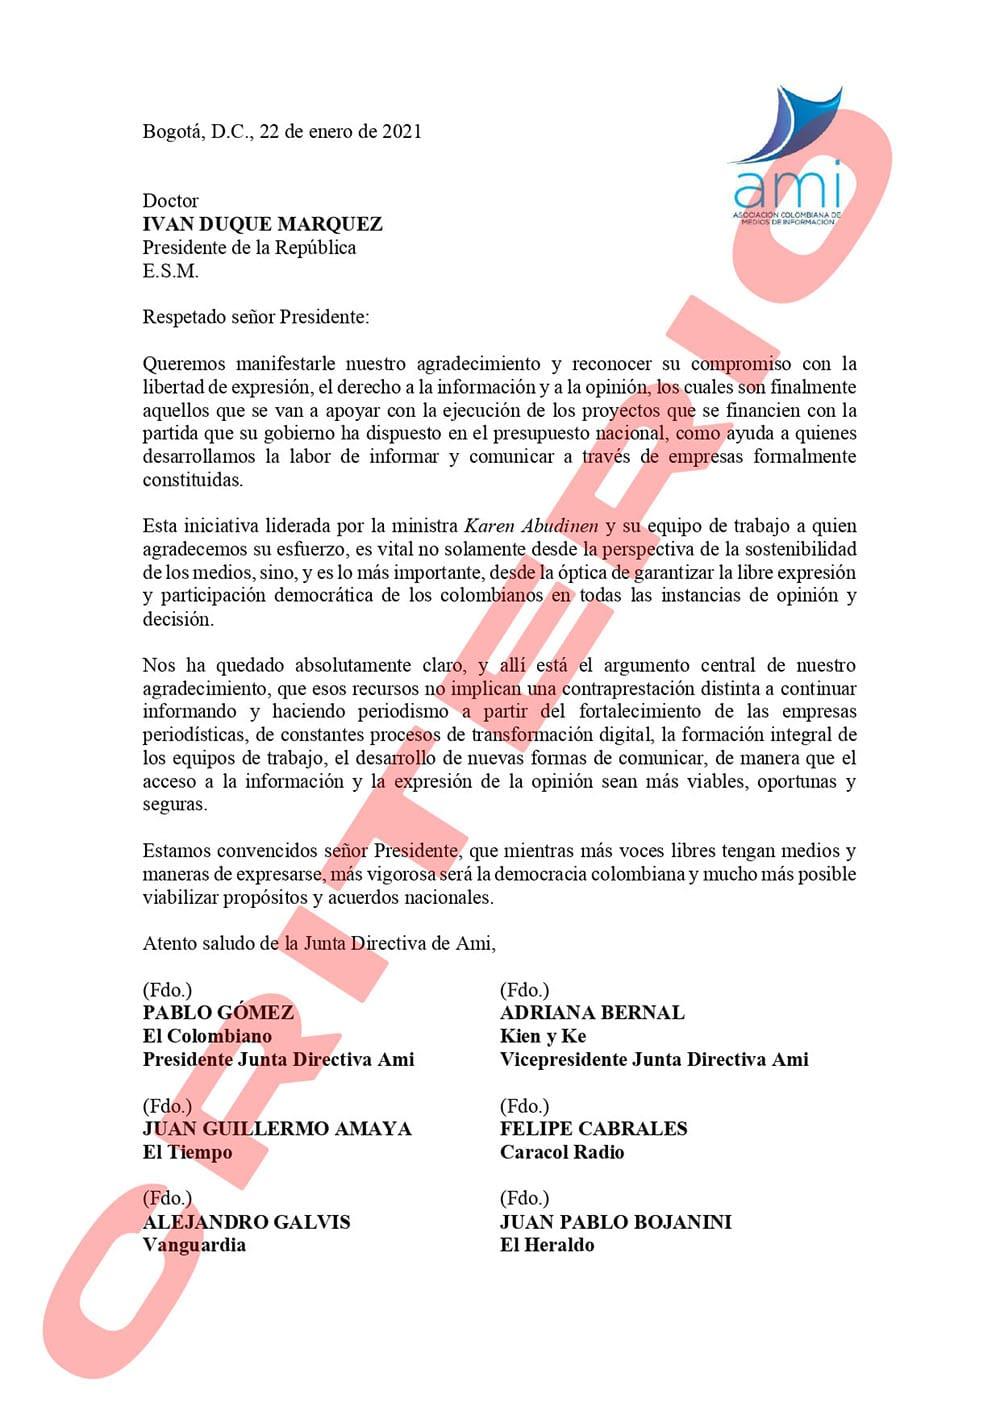 Carta de los grandes medios al presidente Iván Duque, 22 de enero de 2021